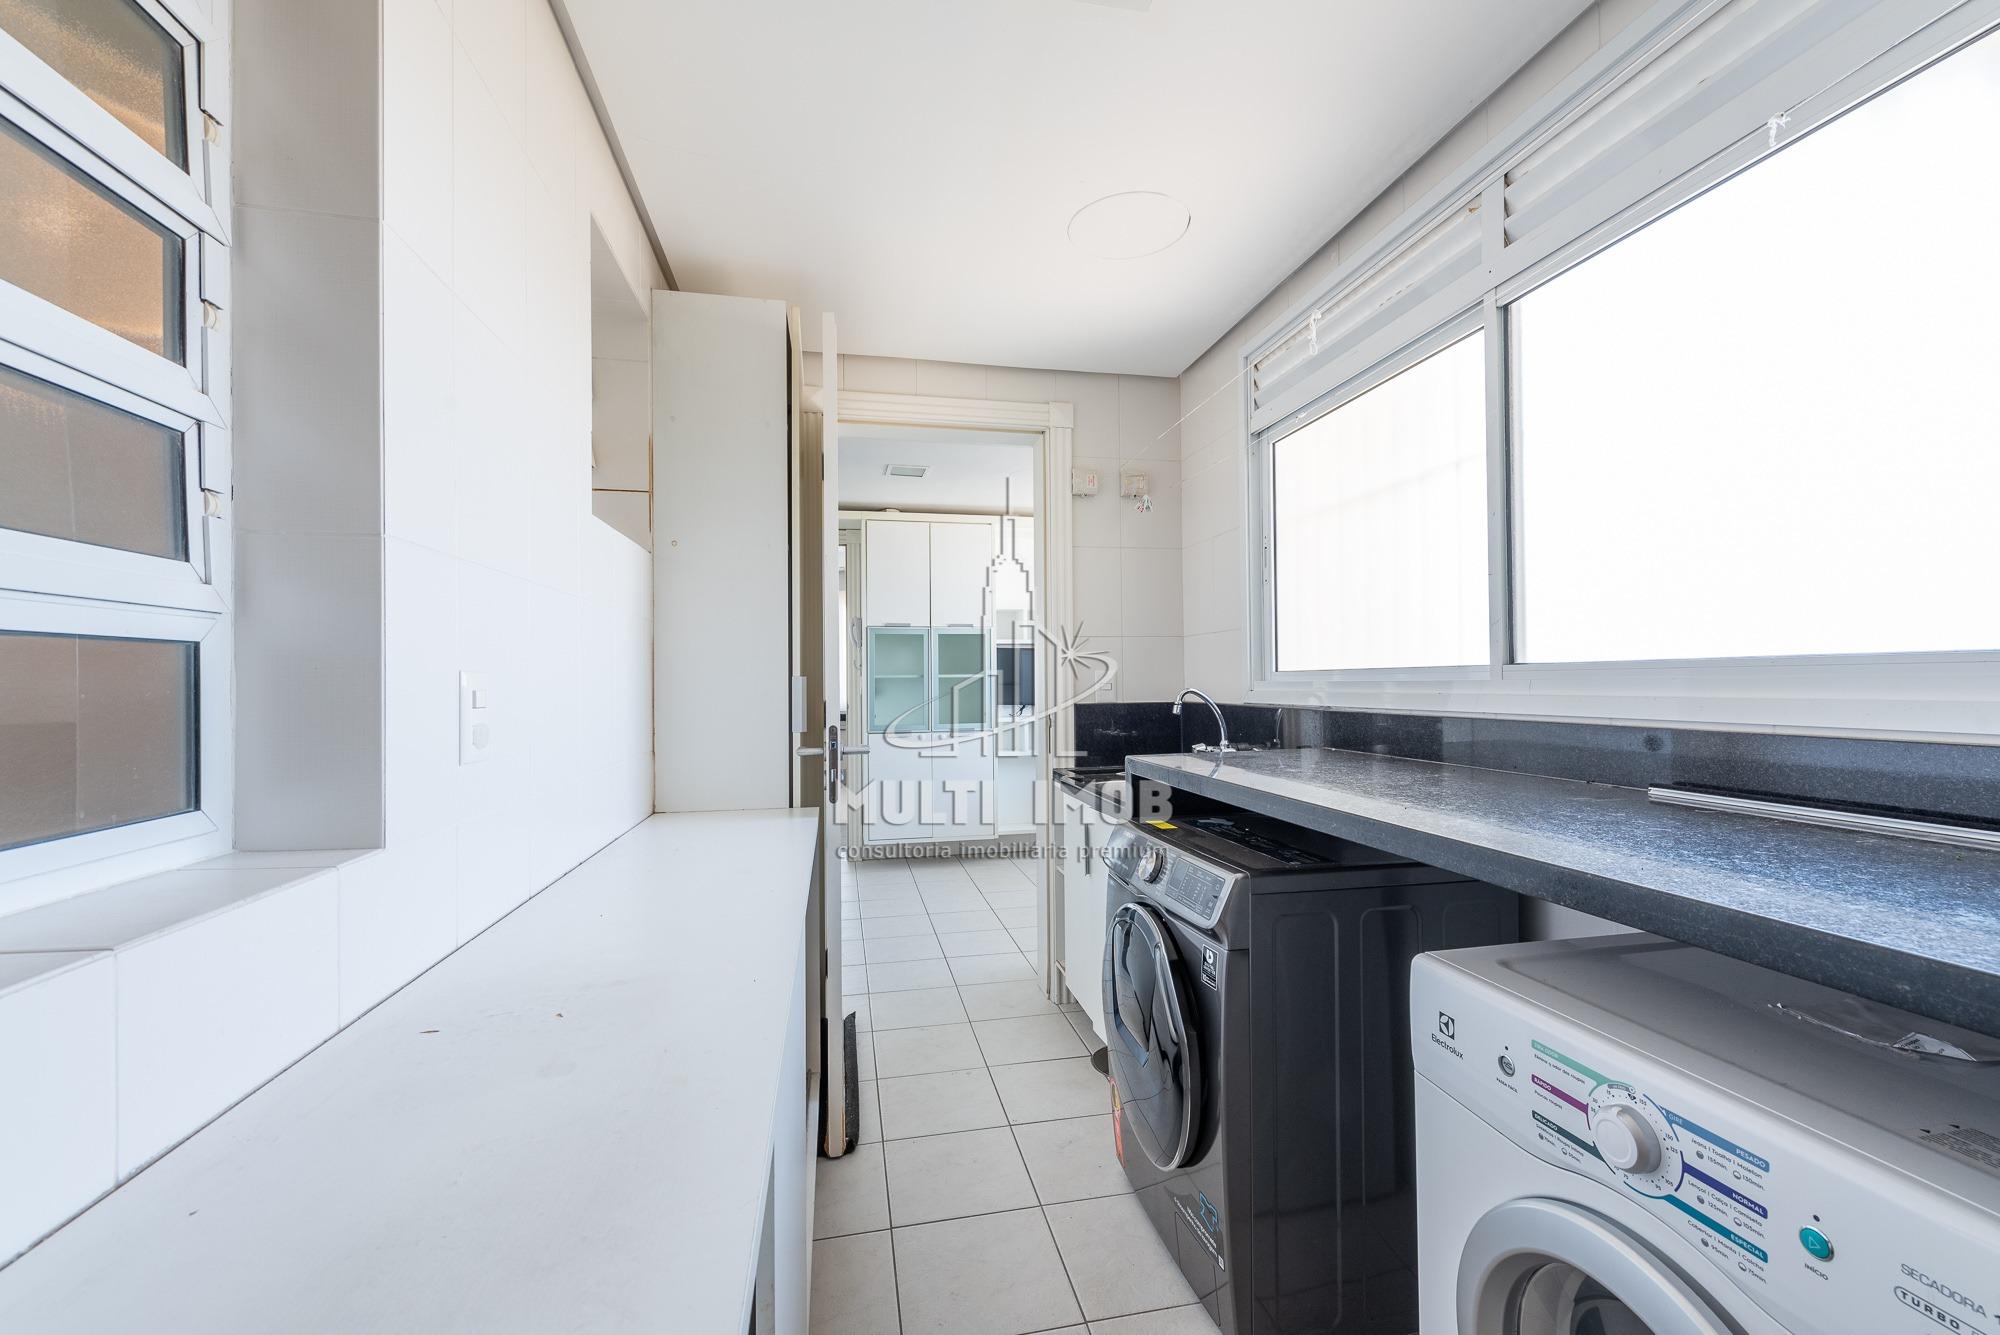 Apartamento  3 Dormitórios  3 Suítes  3 Vagas de Garagem Venda Bairro Bela Vista em Porto Alegre RS